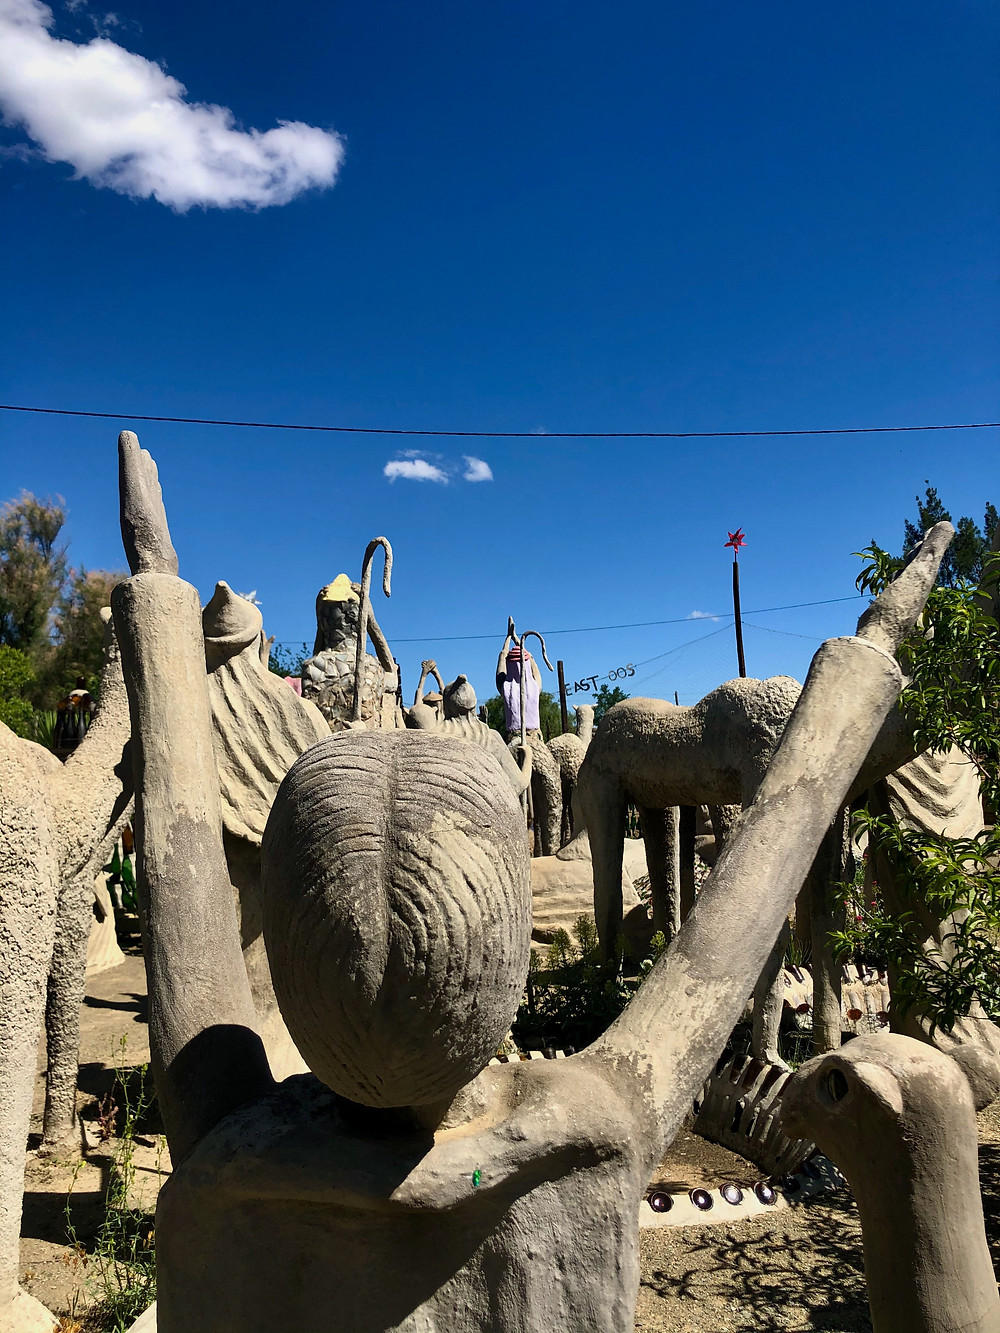 Sculpture Worship Camel Yard, Naïve art